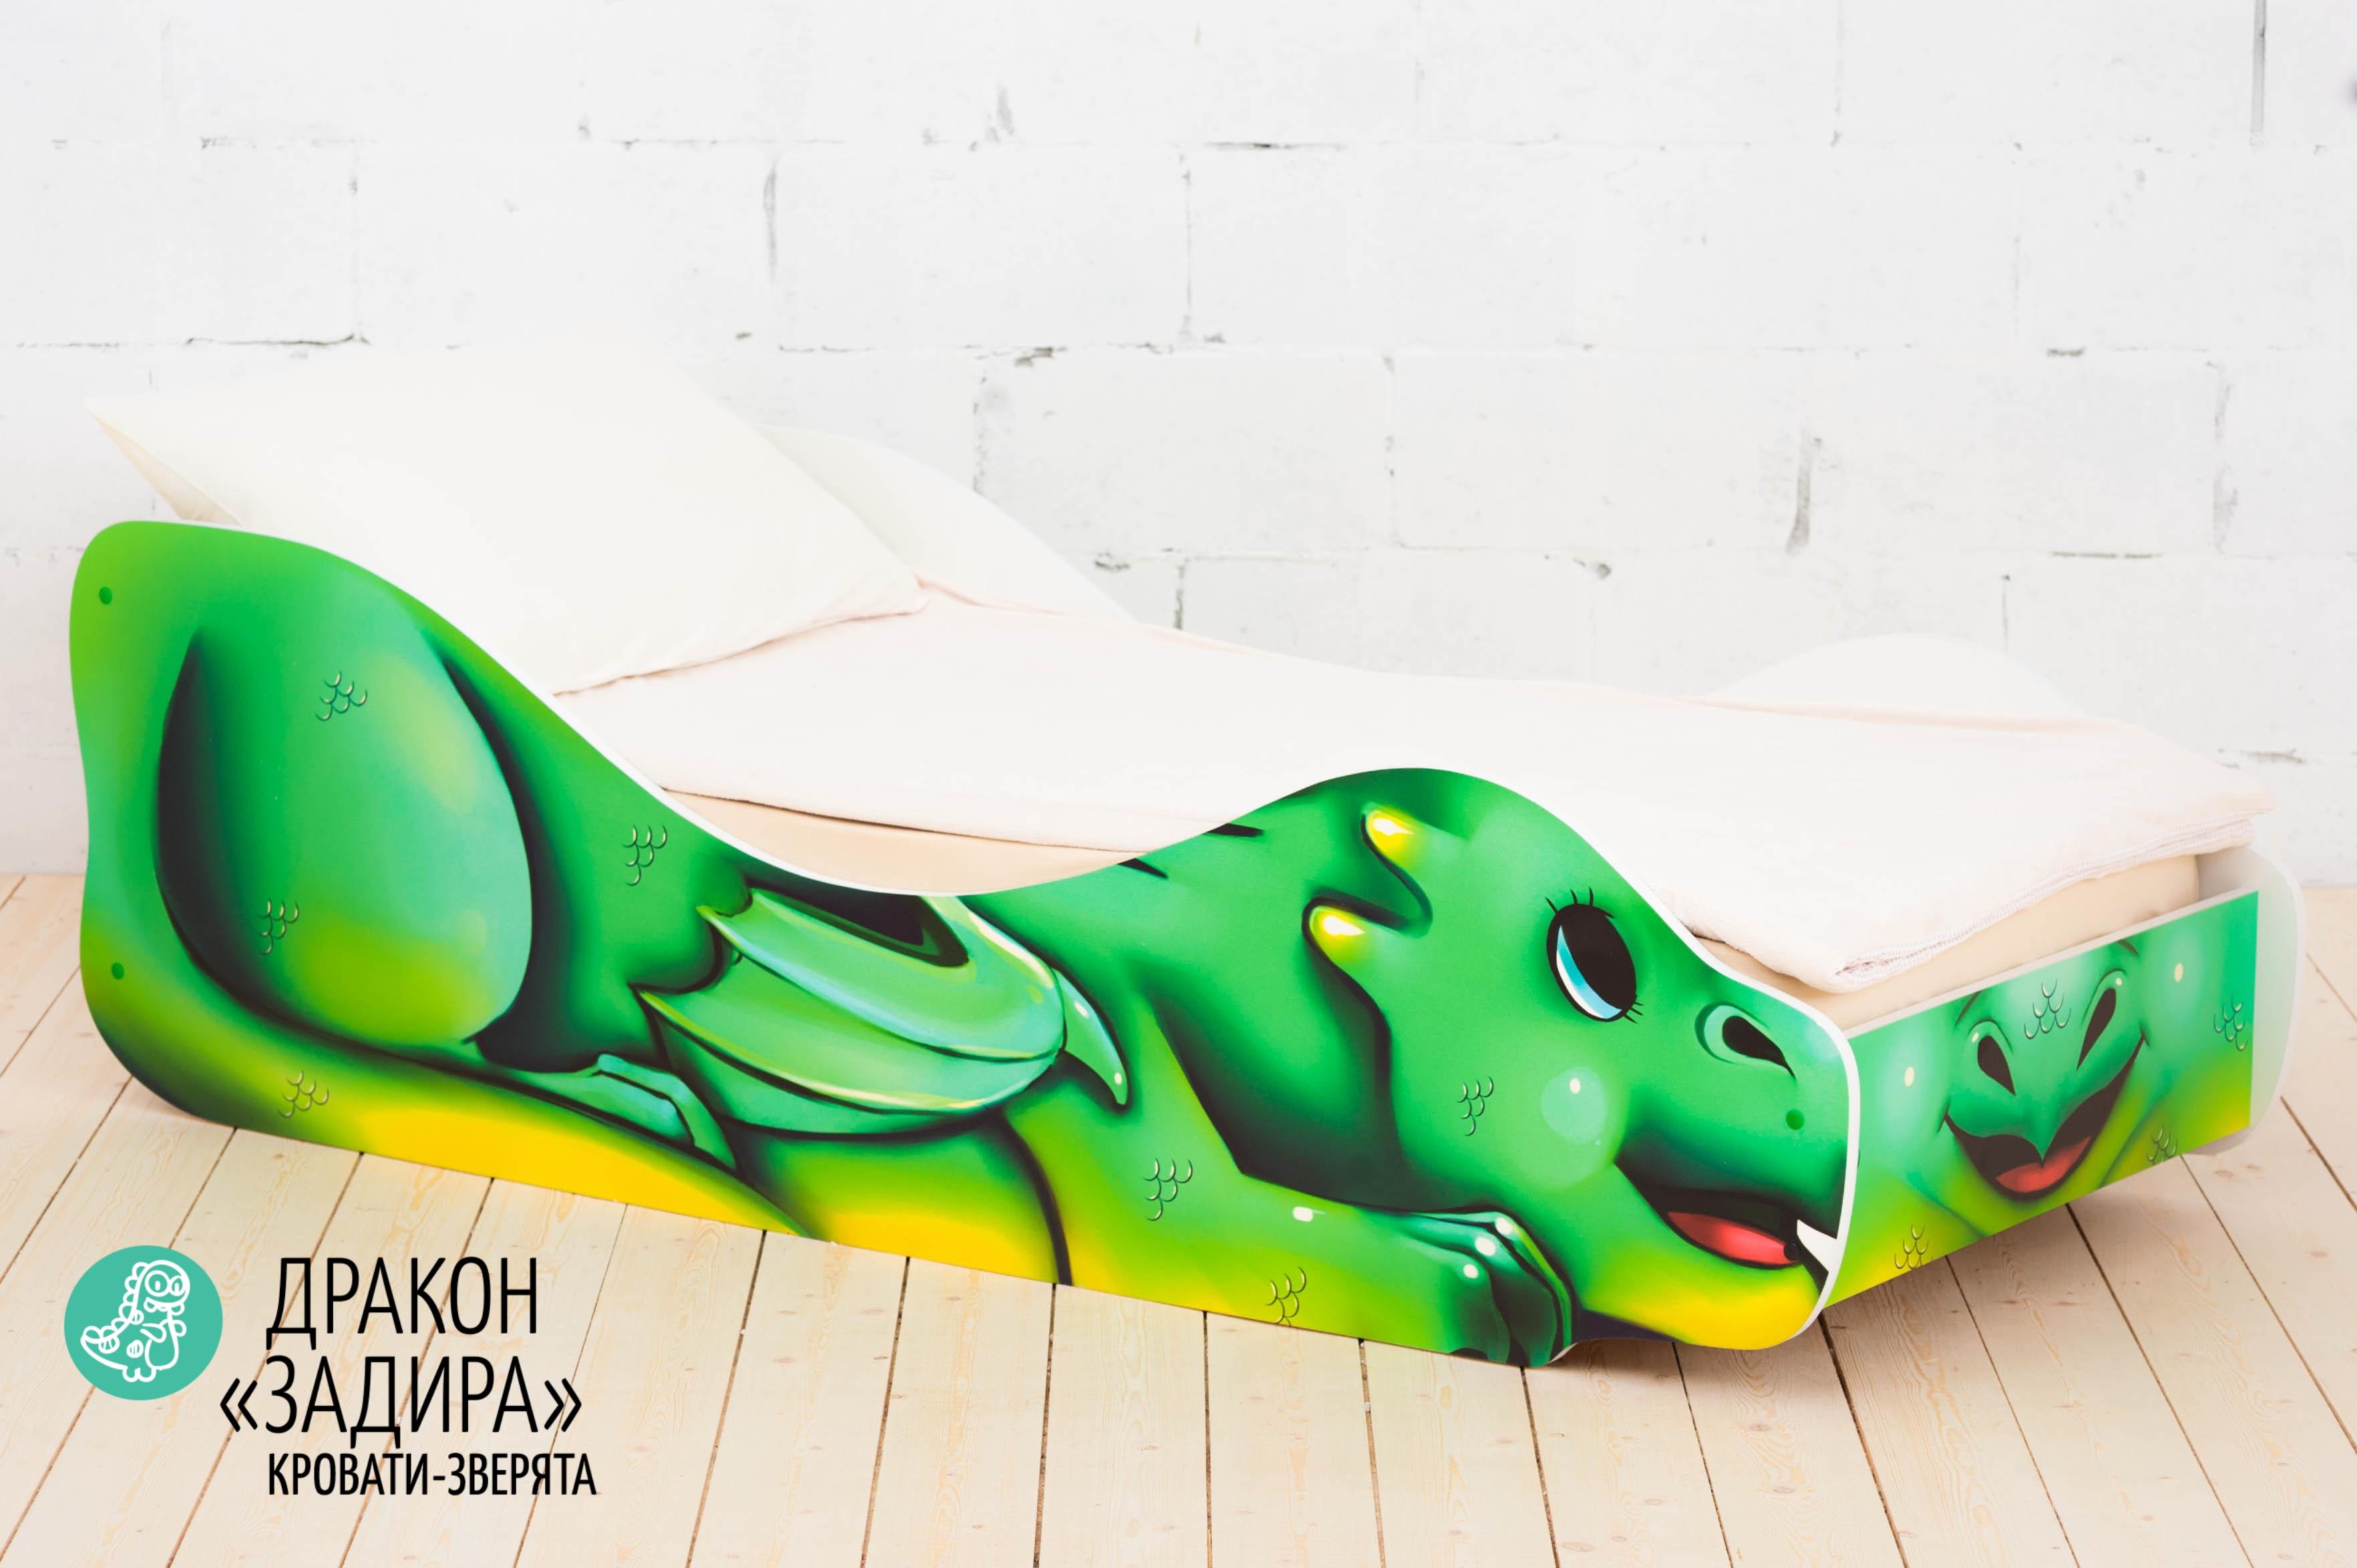 Детская кровать-зверенок -Дракон-Задира-1